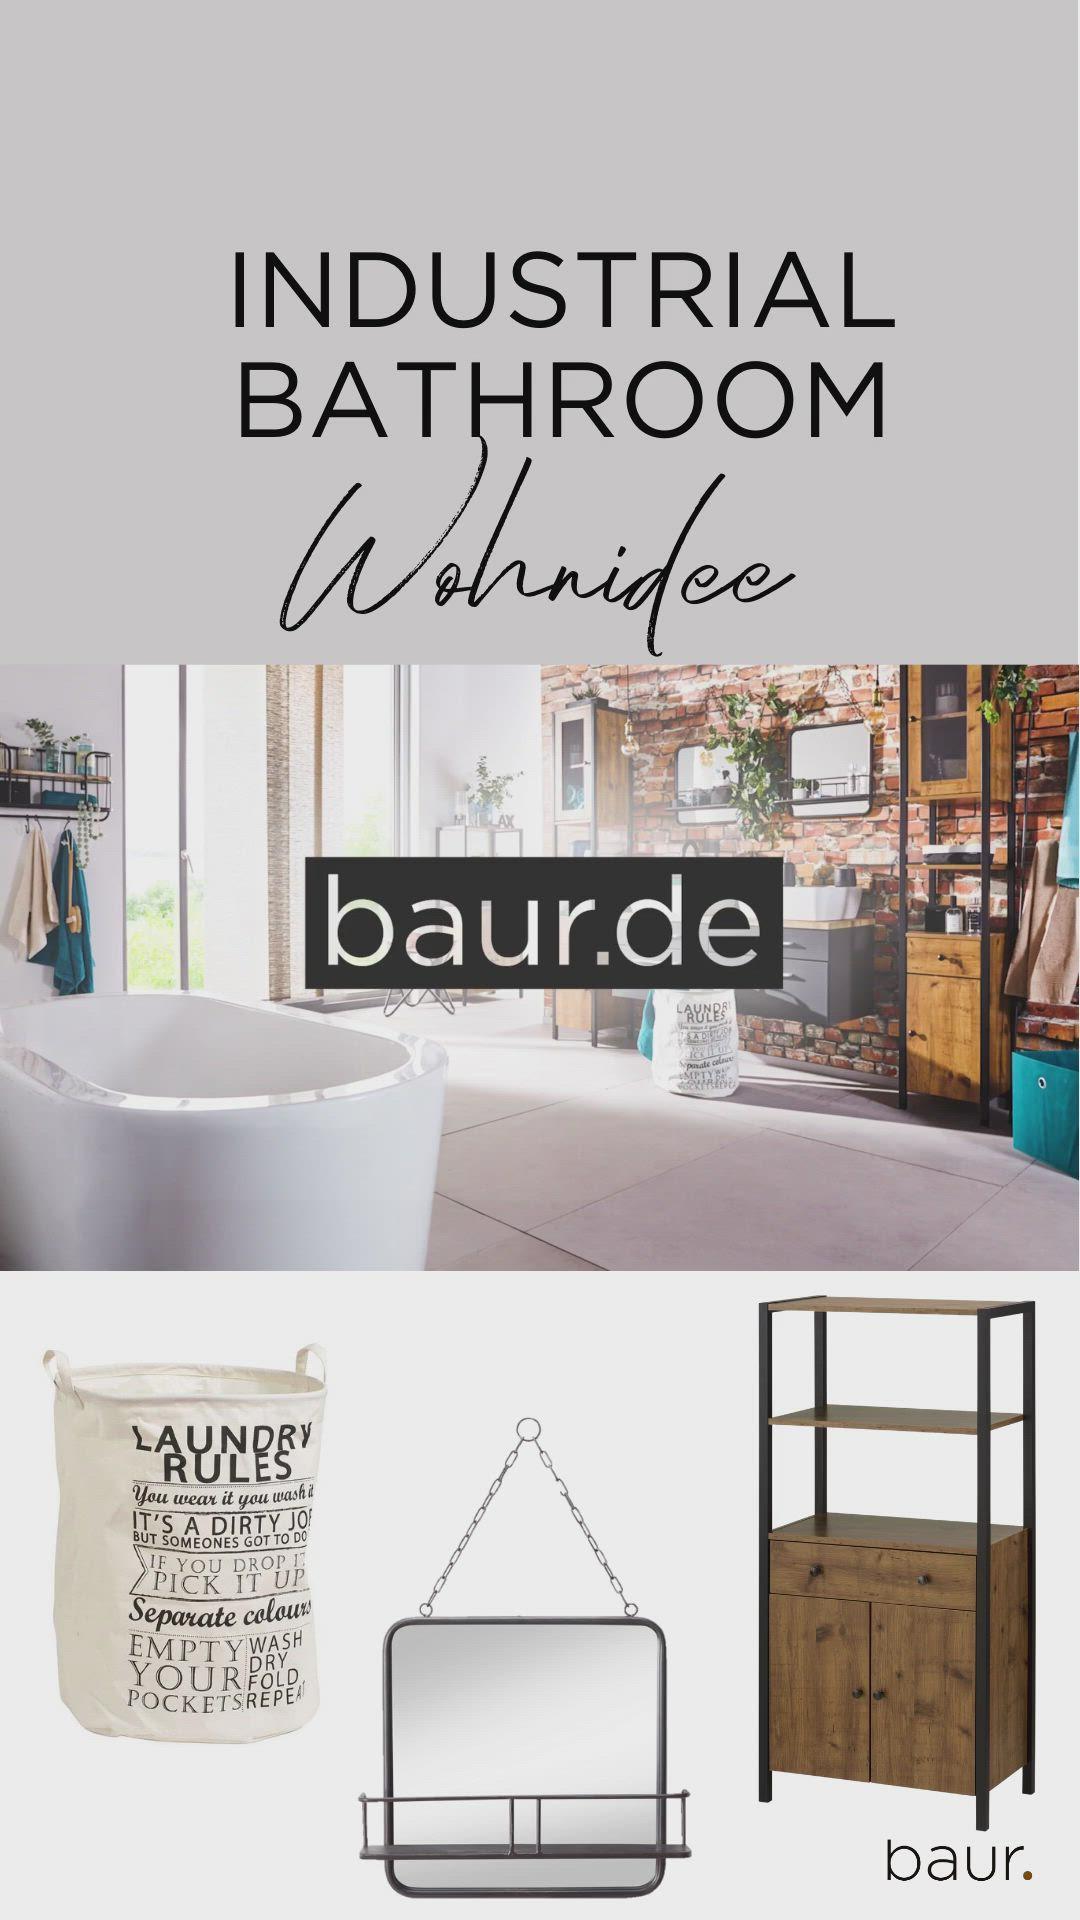 Wohnideen Fur Dein Industrial Bathroom Von Baur De Badezimmer Einrichten Im Industrial Style Video In 2020 Wohnideen Wohnen Dunkles Holz